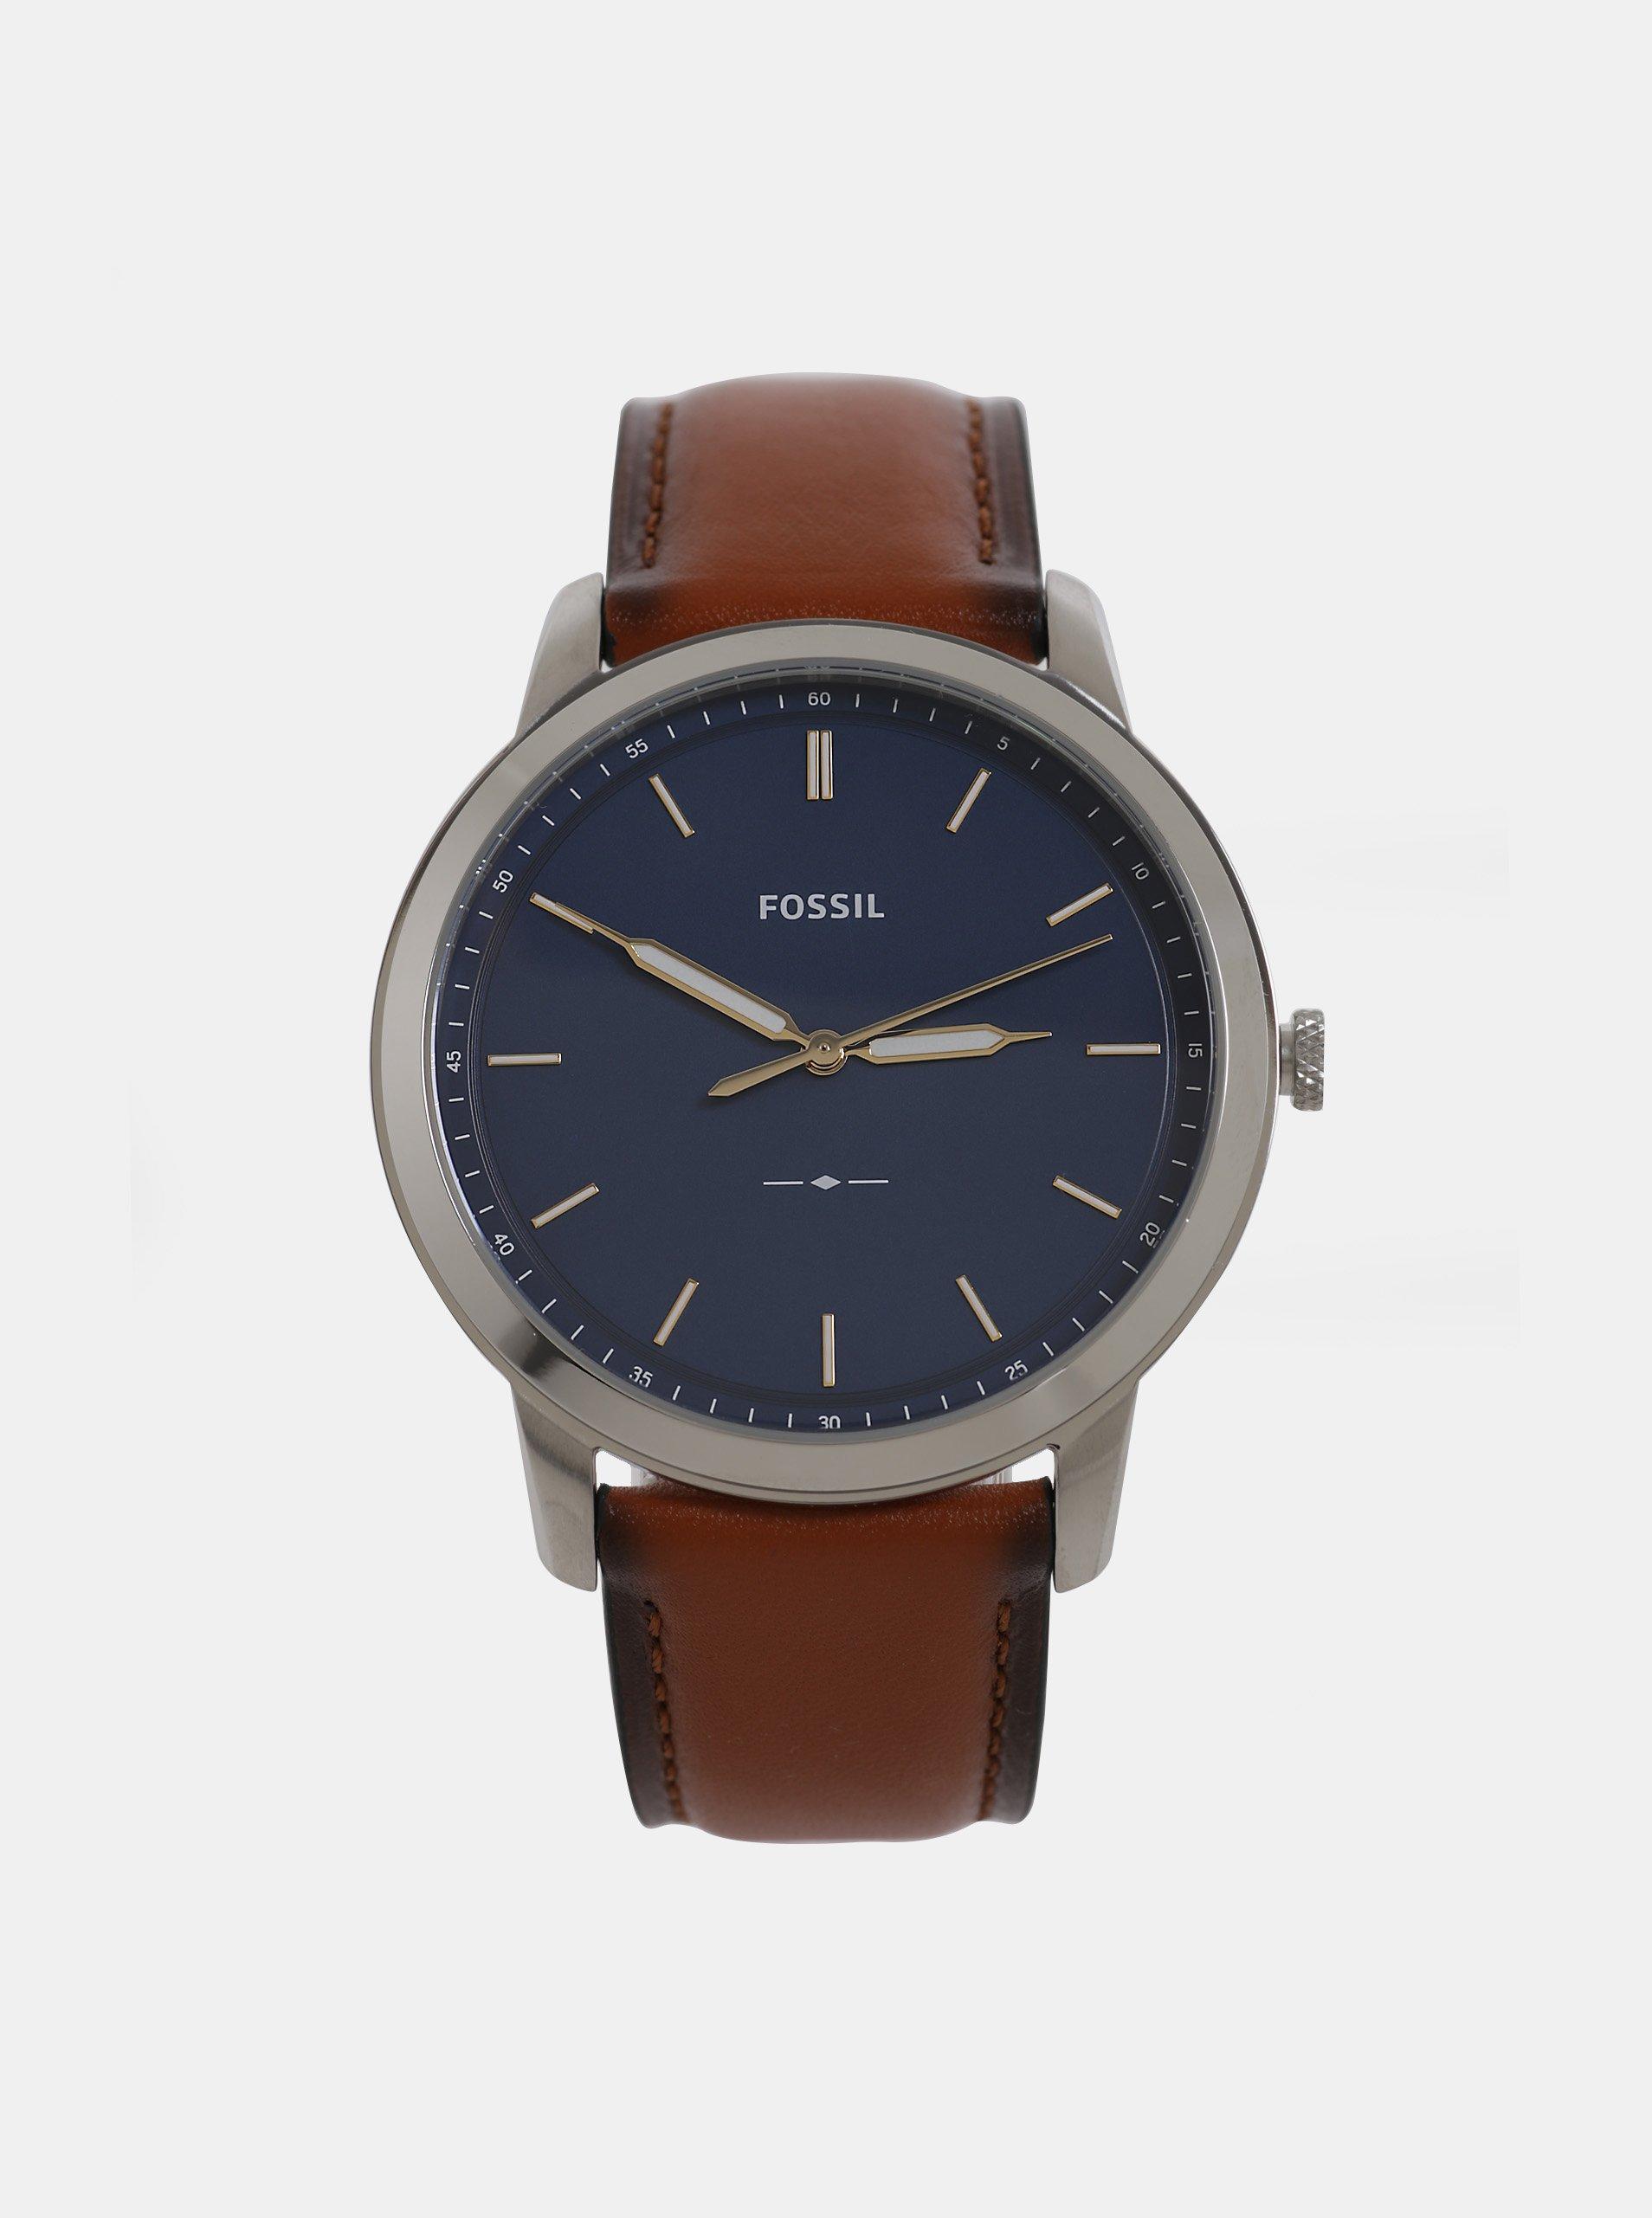 Hnedé pánske hodinky s koženým remienkom Fossil Minimalist 4118ef81e41